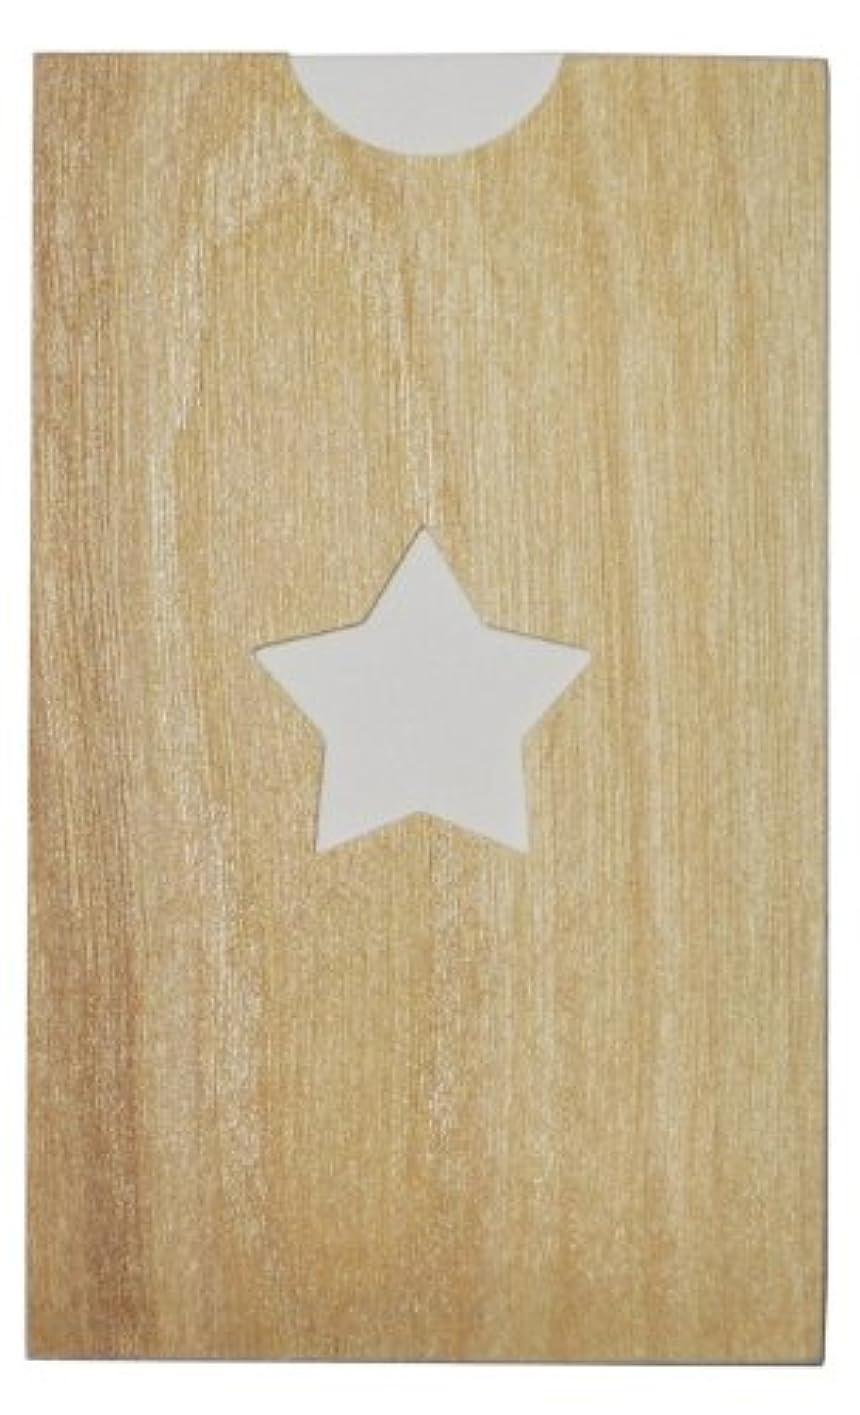 yuica(ユイカ) 香りのカード /星(ヒノキのシートケース+ムエット紙10枚)